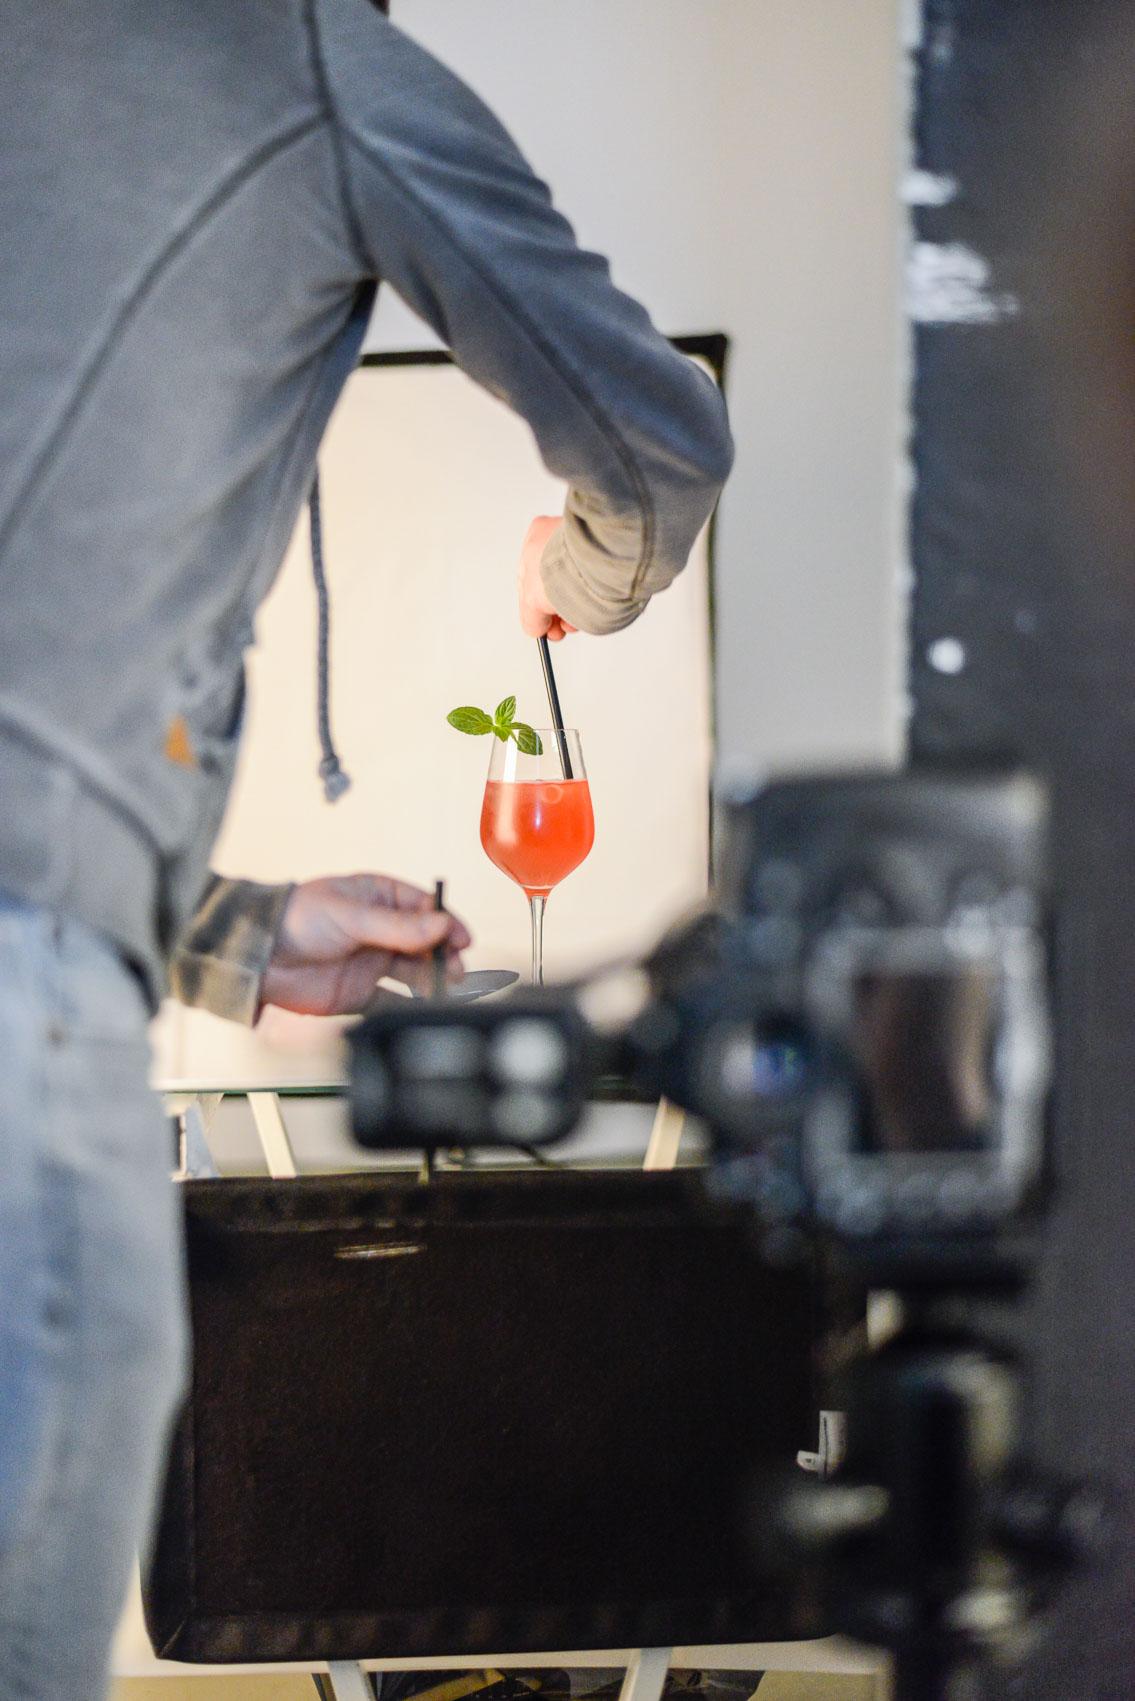 Für Spicy-Planet wurde im Studio das Getränk